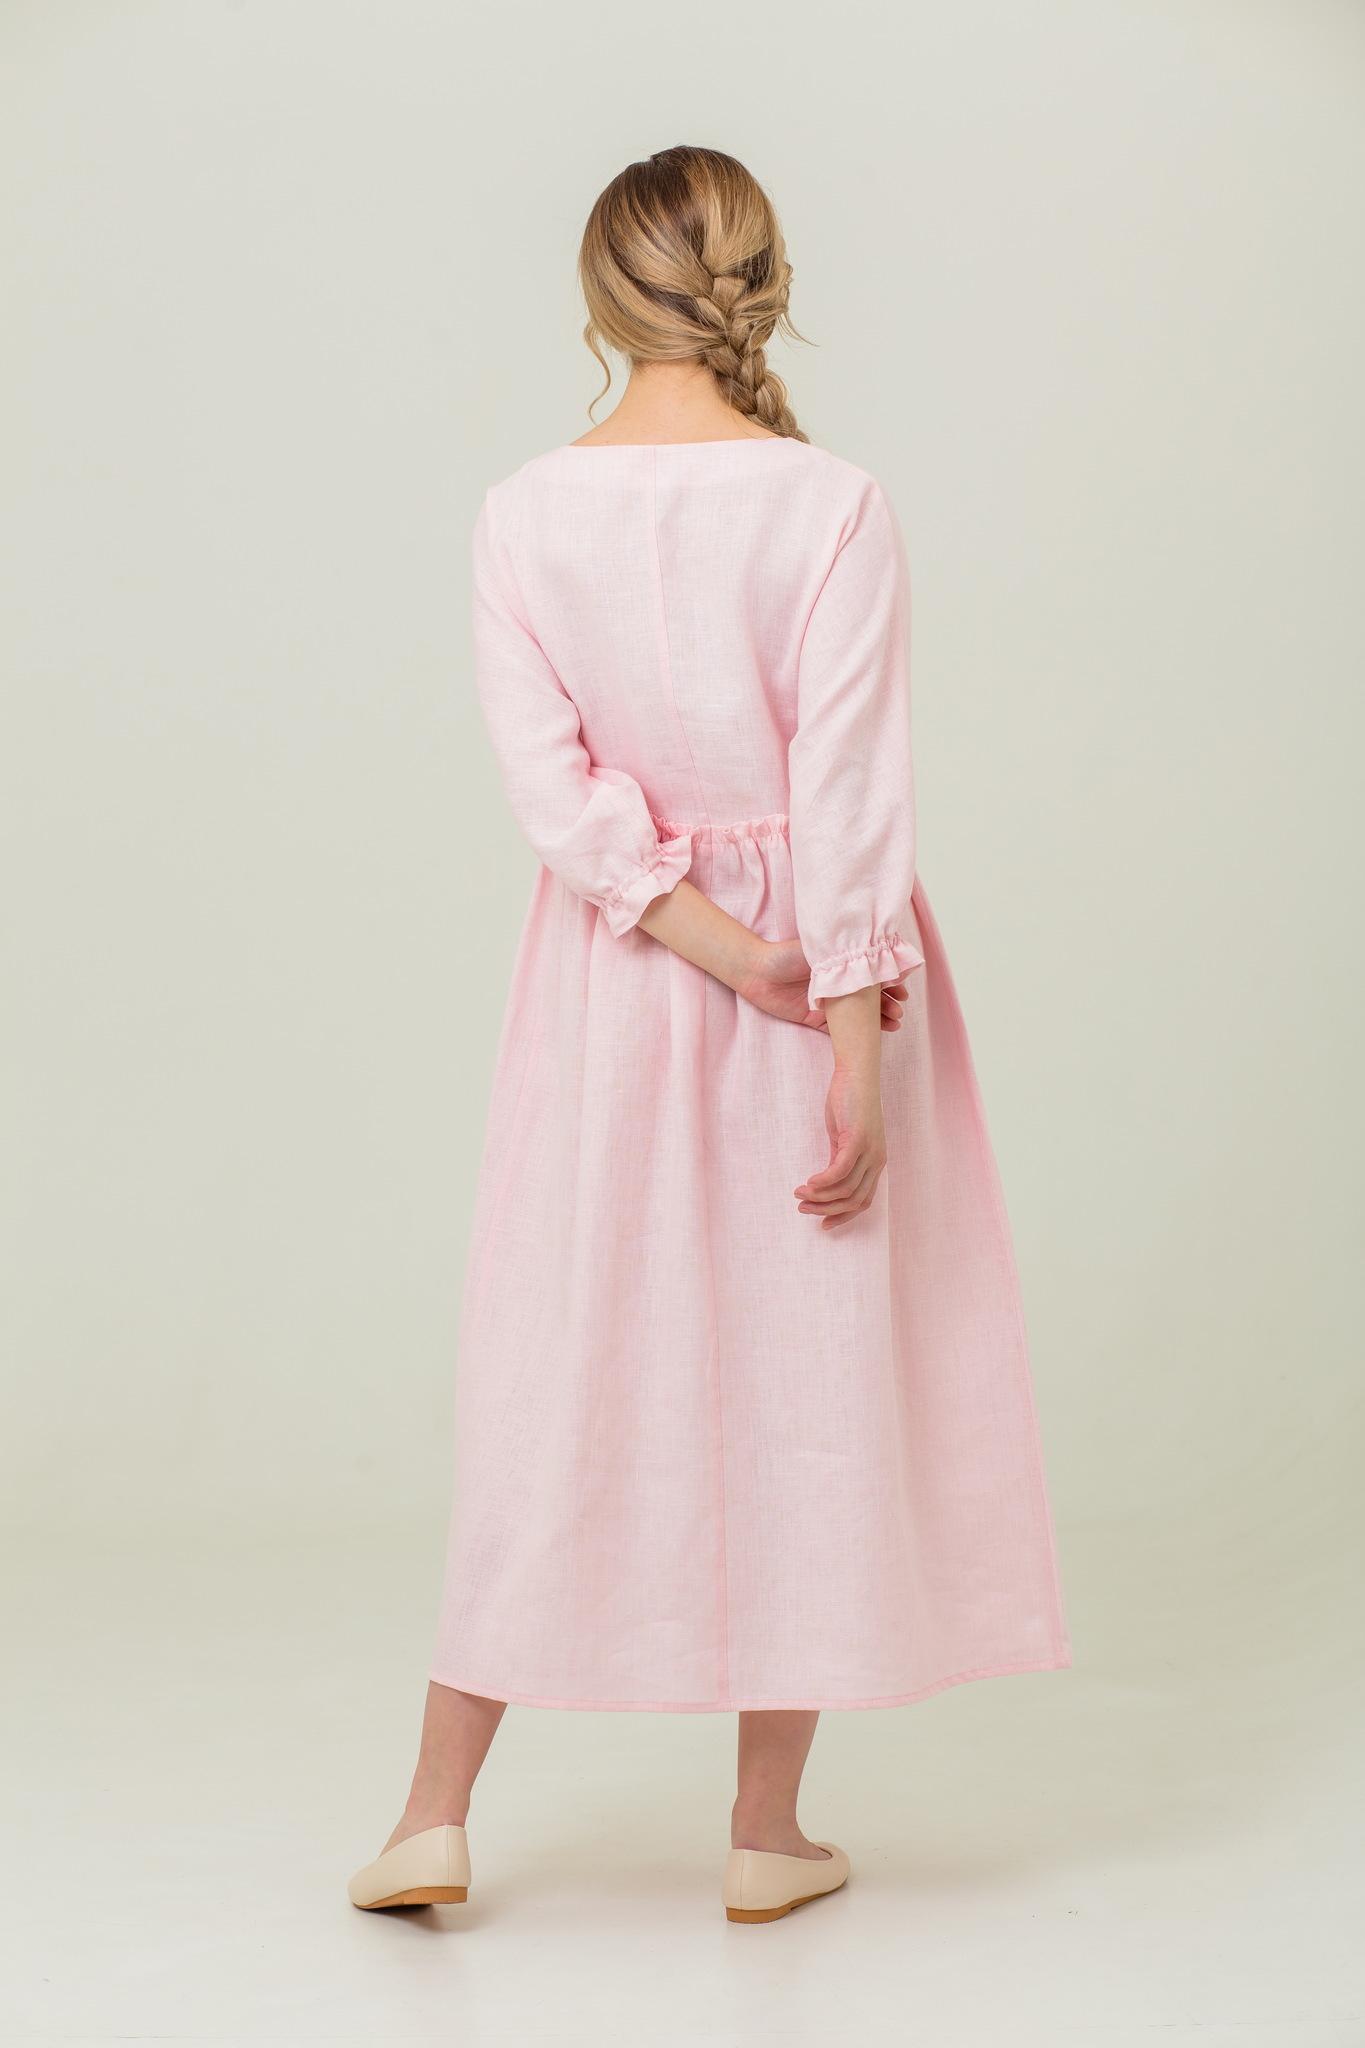 Платье из льна от производителя Цветущий шиповник